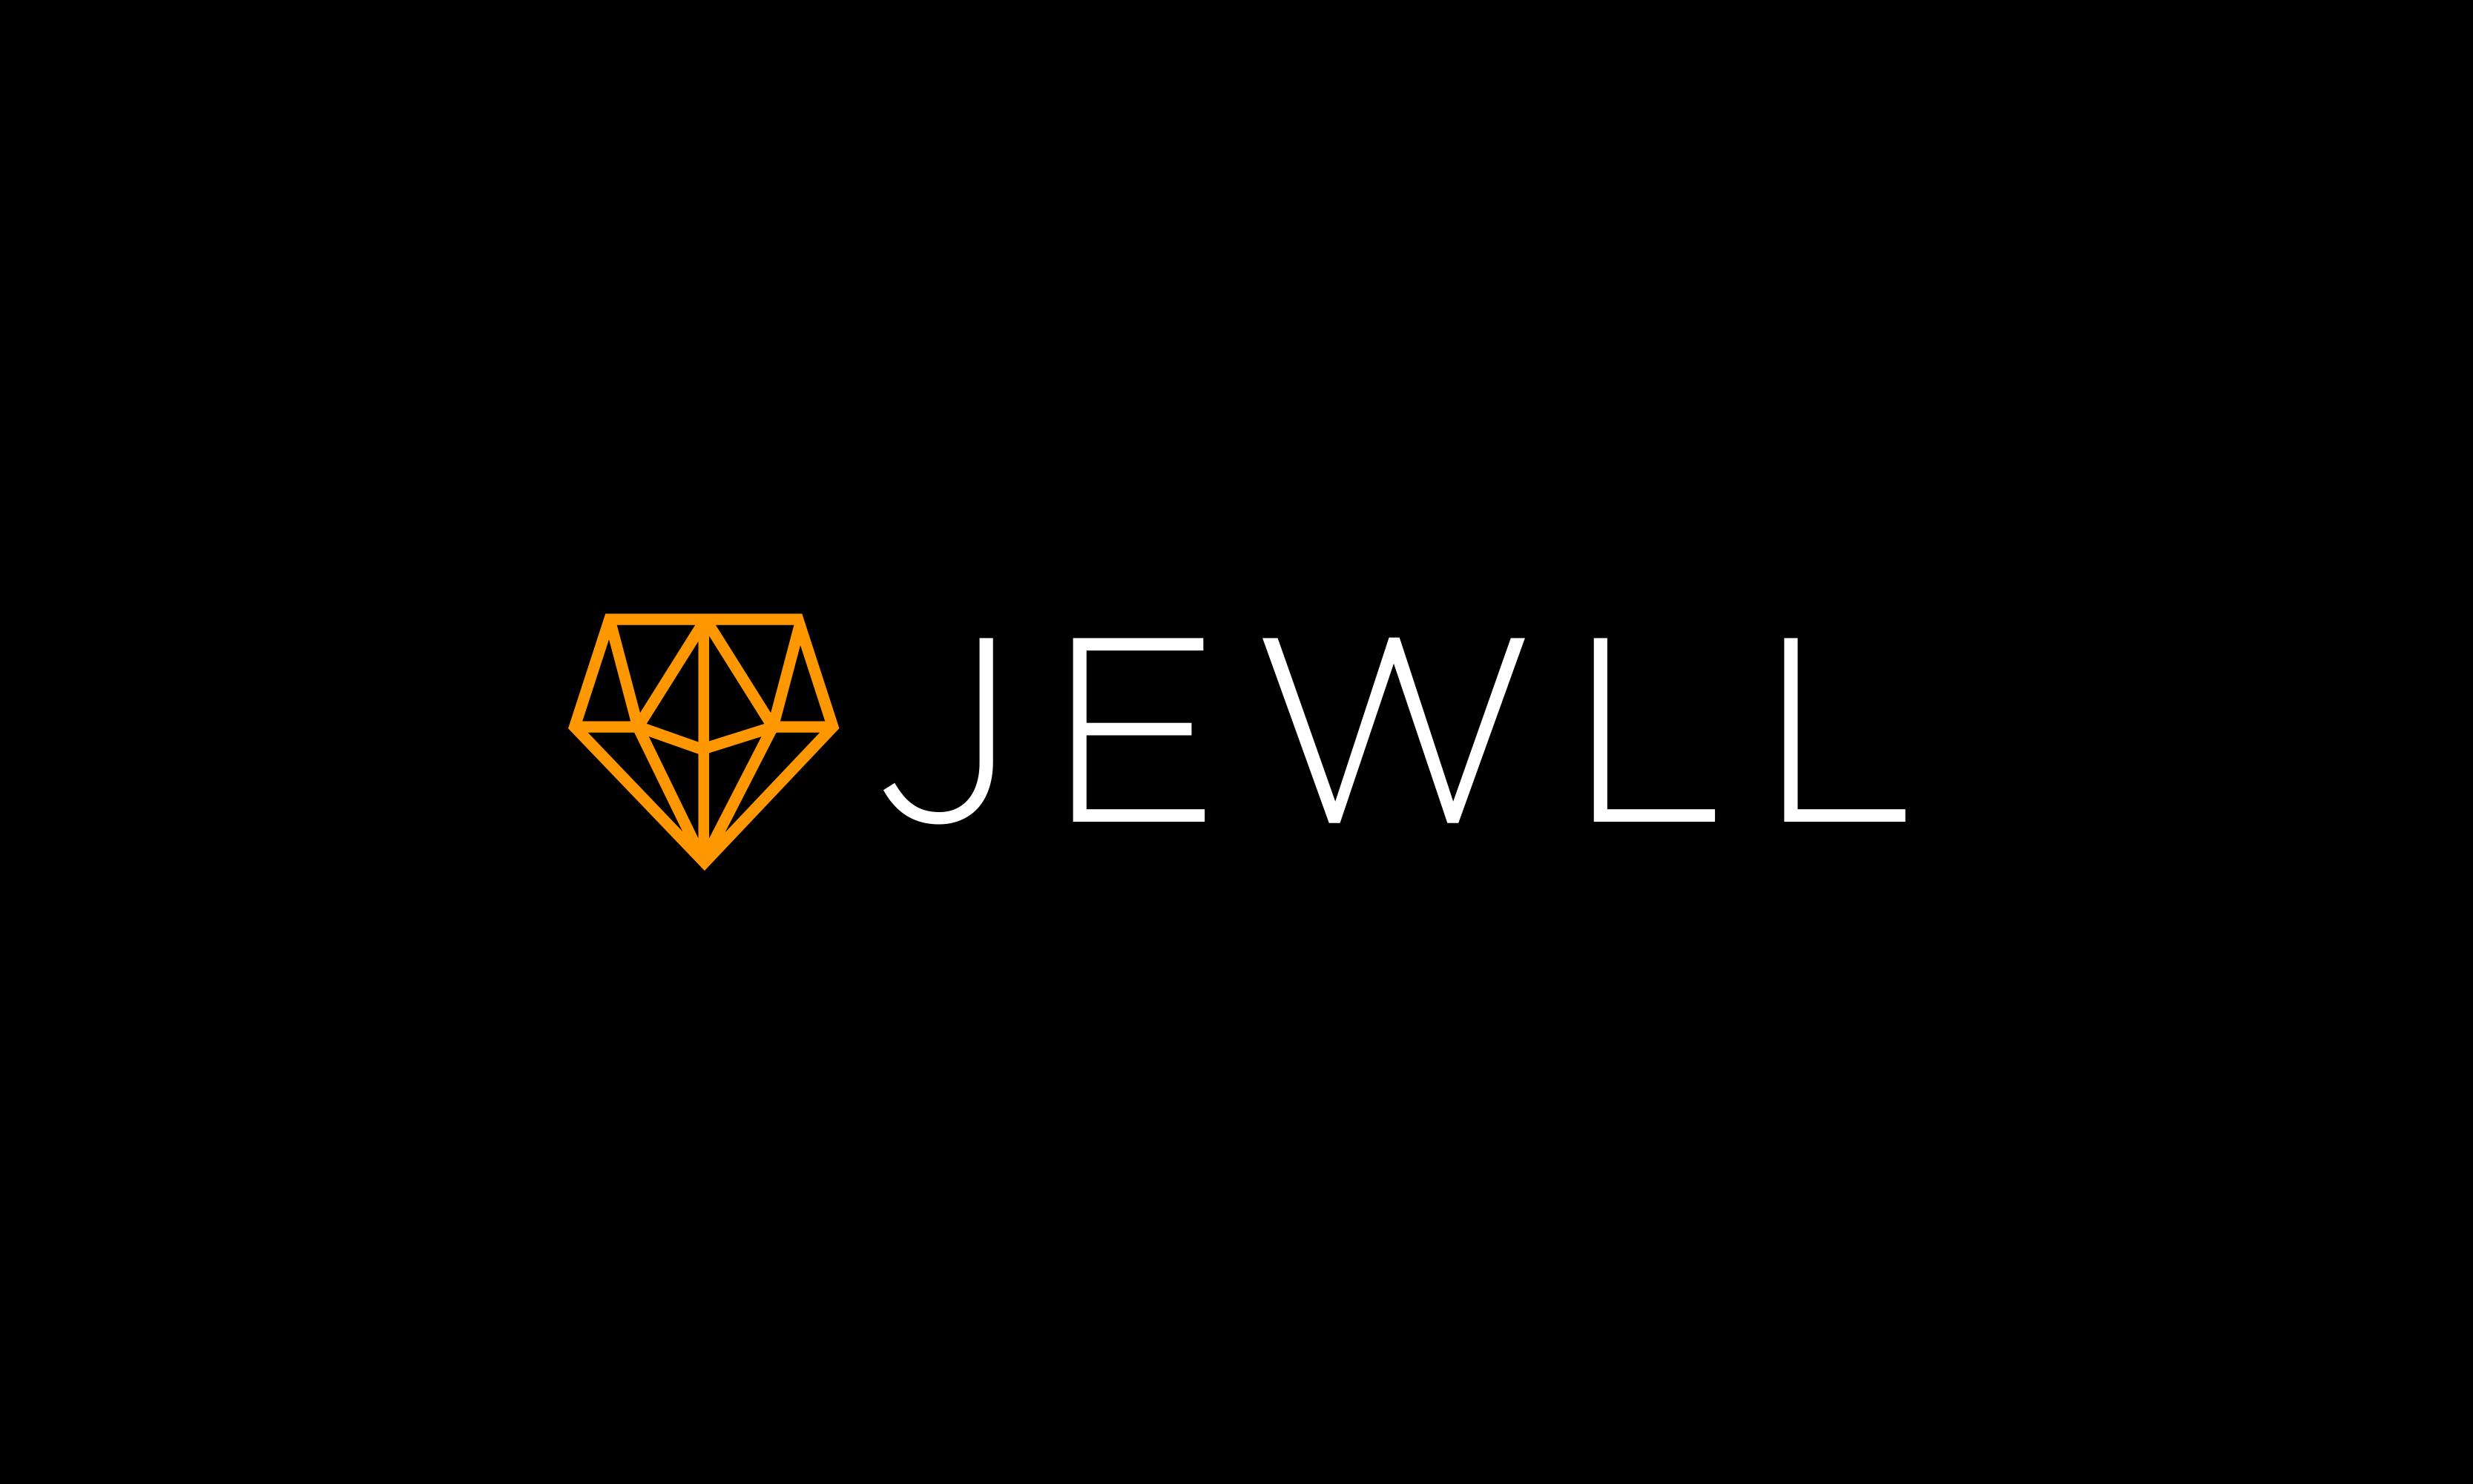 Jewll